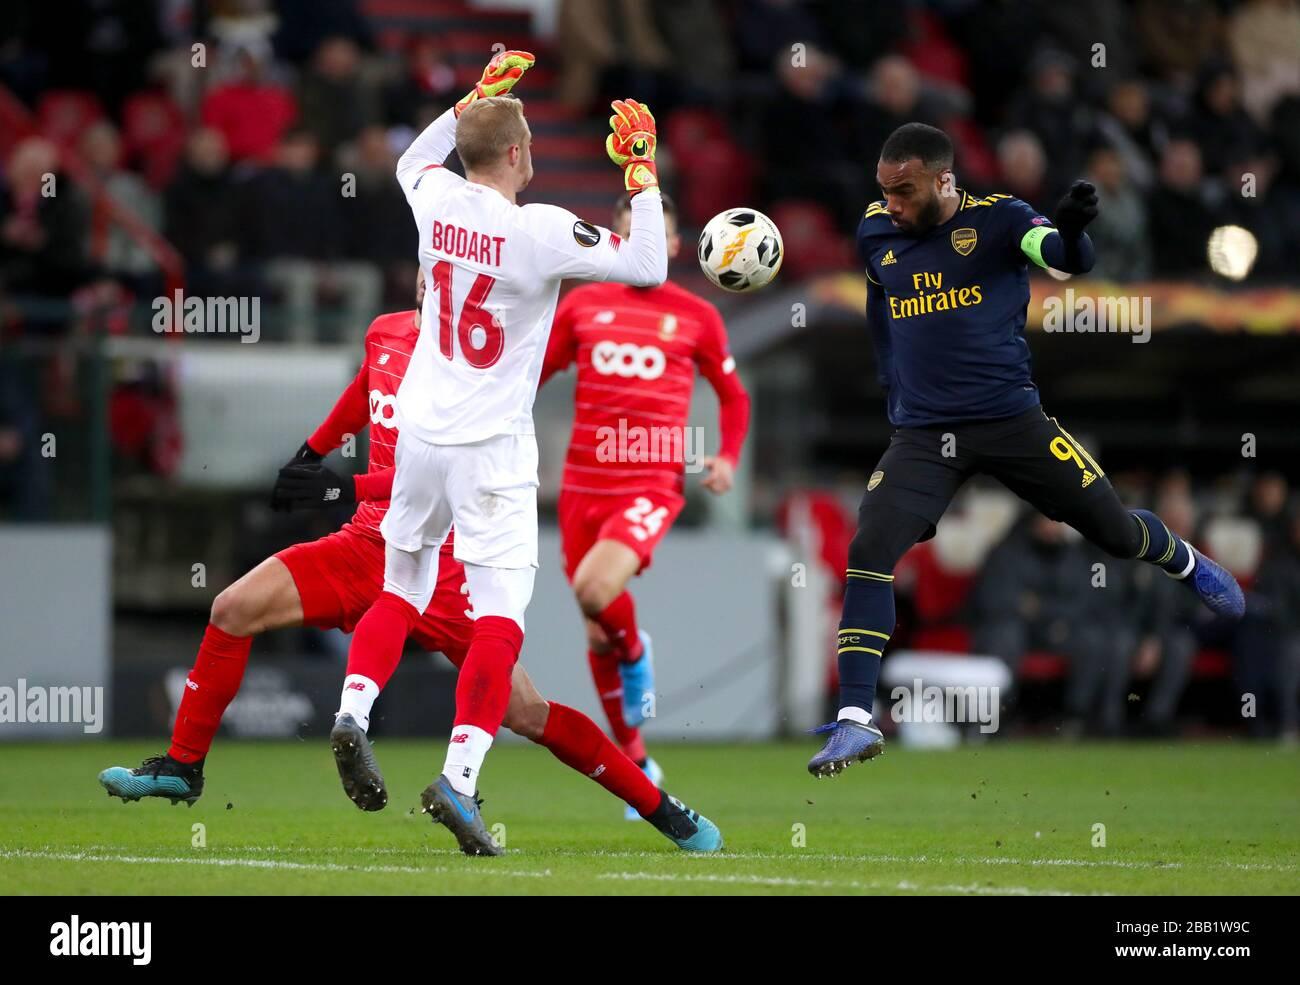 Standard Liege Goalkeeper Arnaud Bodart left Blocks A Shot From Arsenal s Alexandre Lacazette Stock Photo Alamy